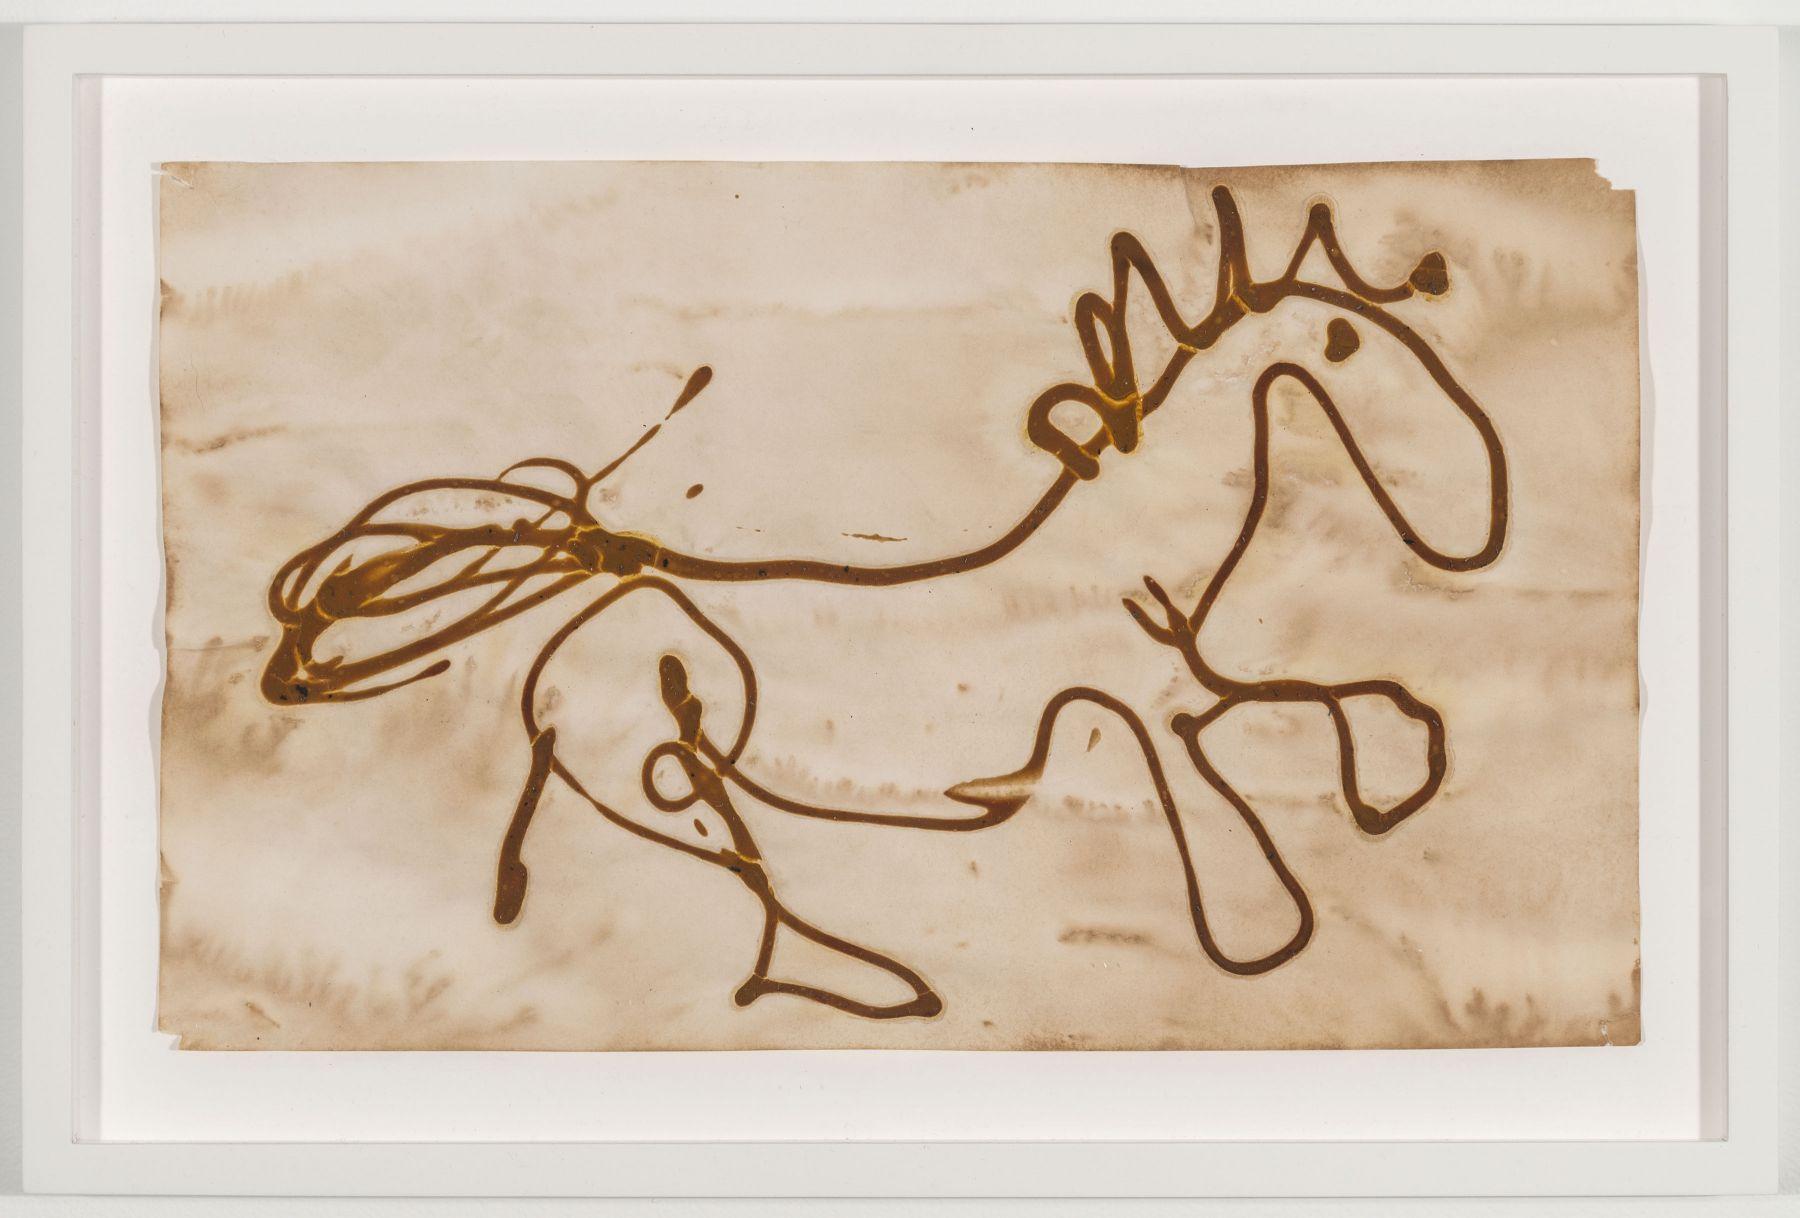 BRIAN BELOTT, Mustard Drawing (Horse No. 1),2015